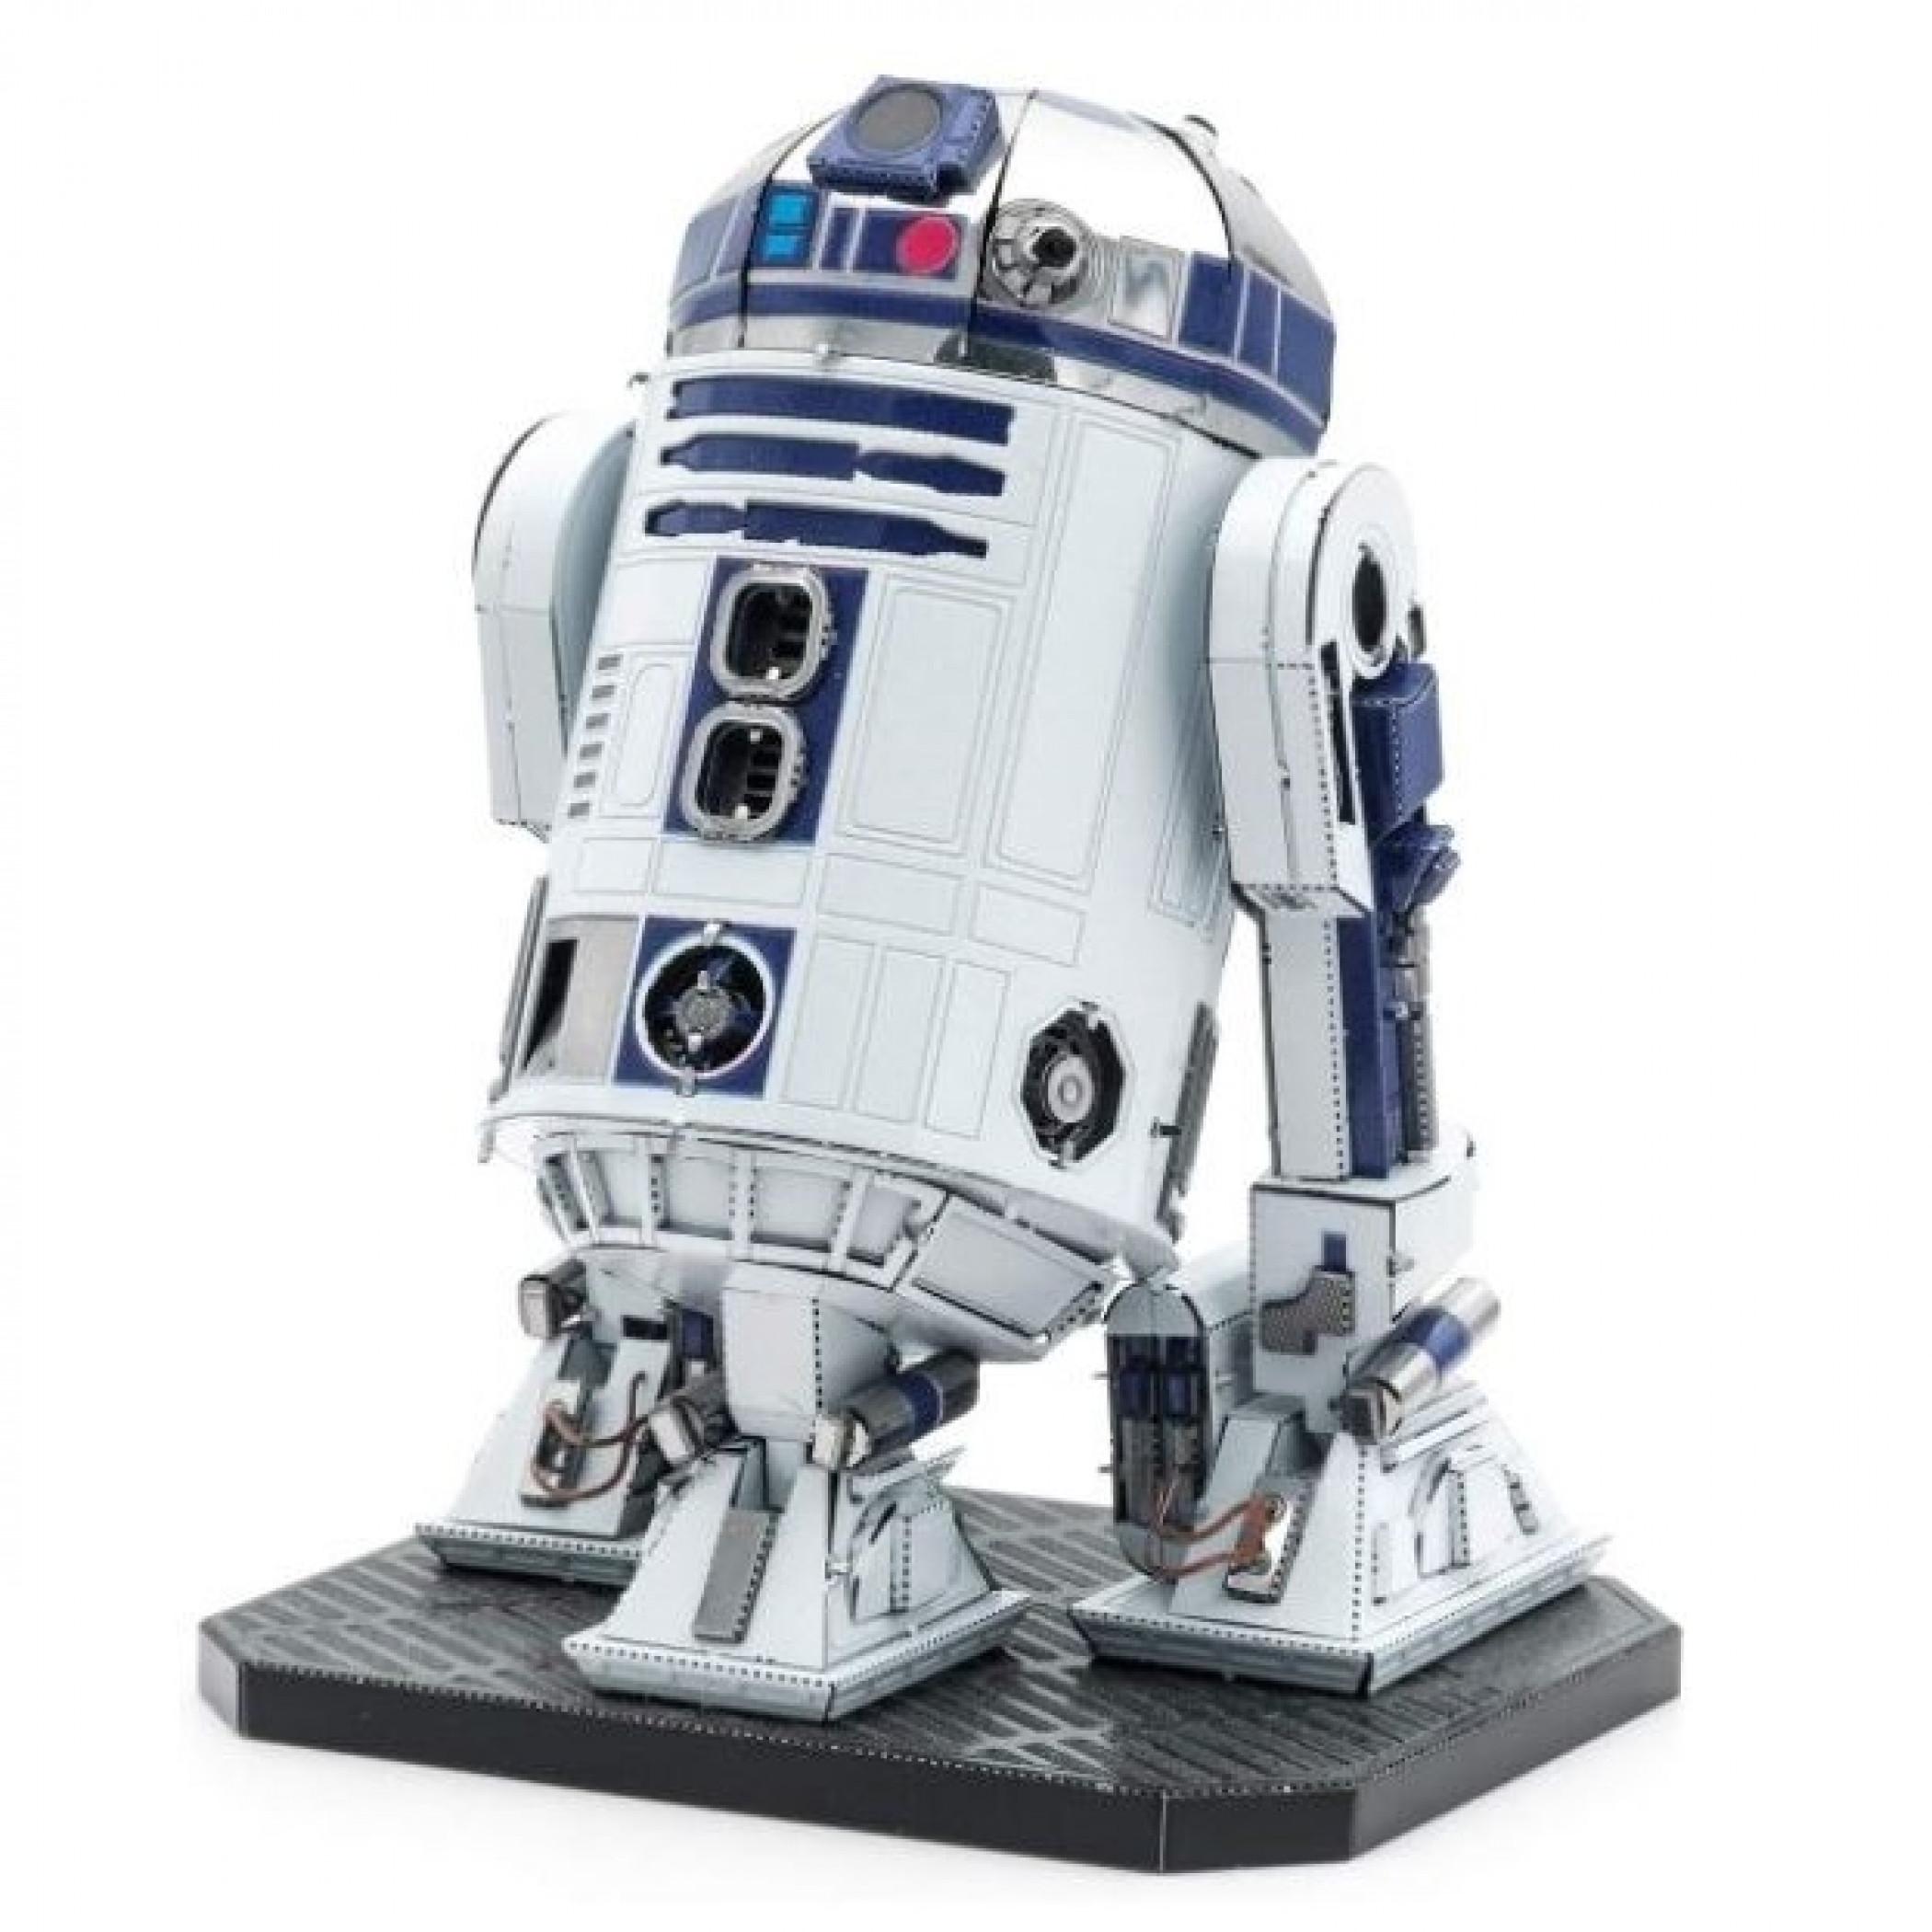 Star Wars R2-D2 Premium Color 3D Metal Earth Model Kit